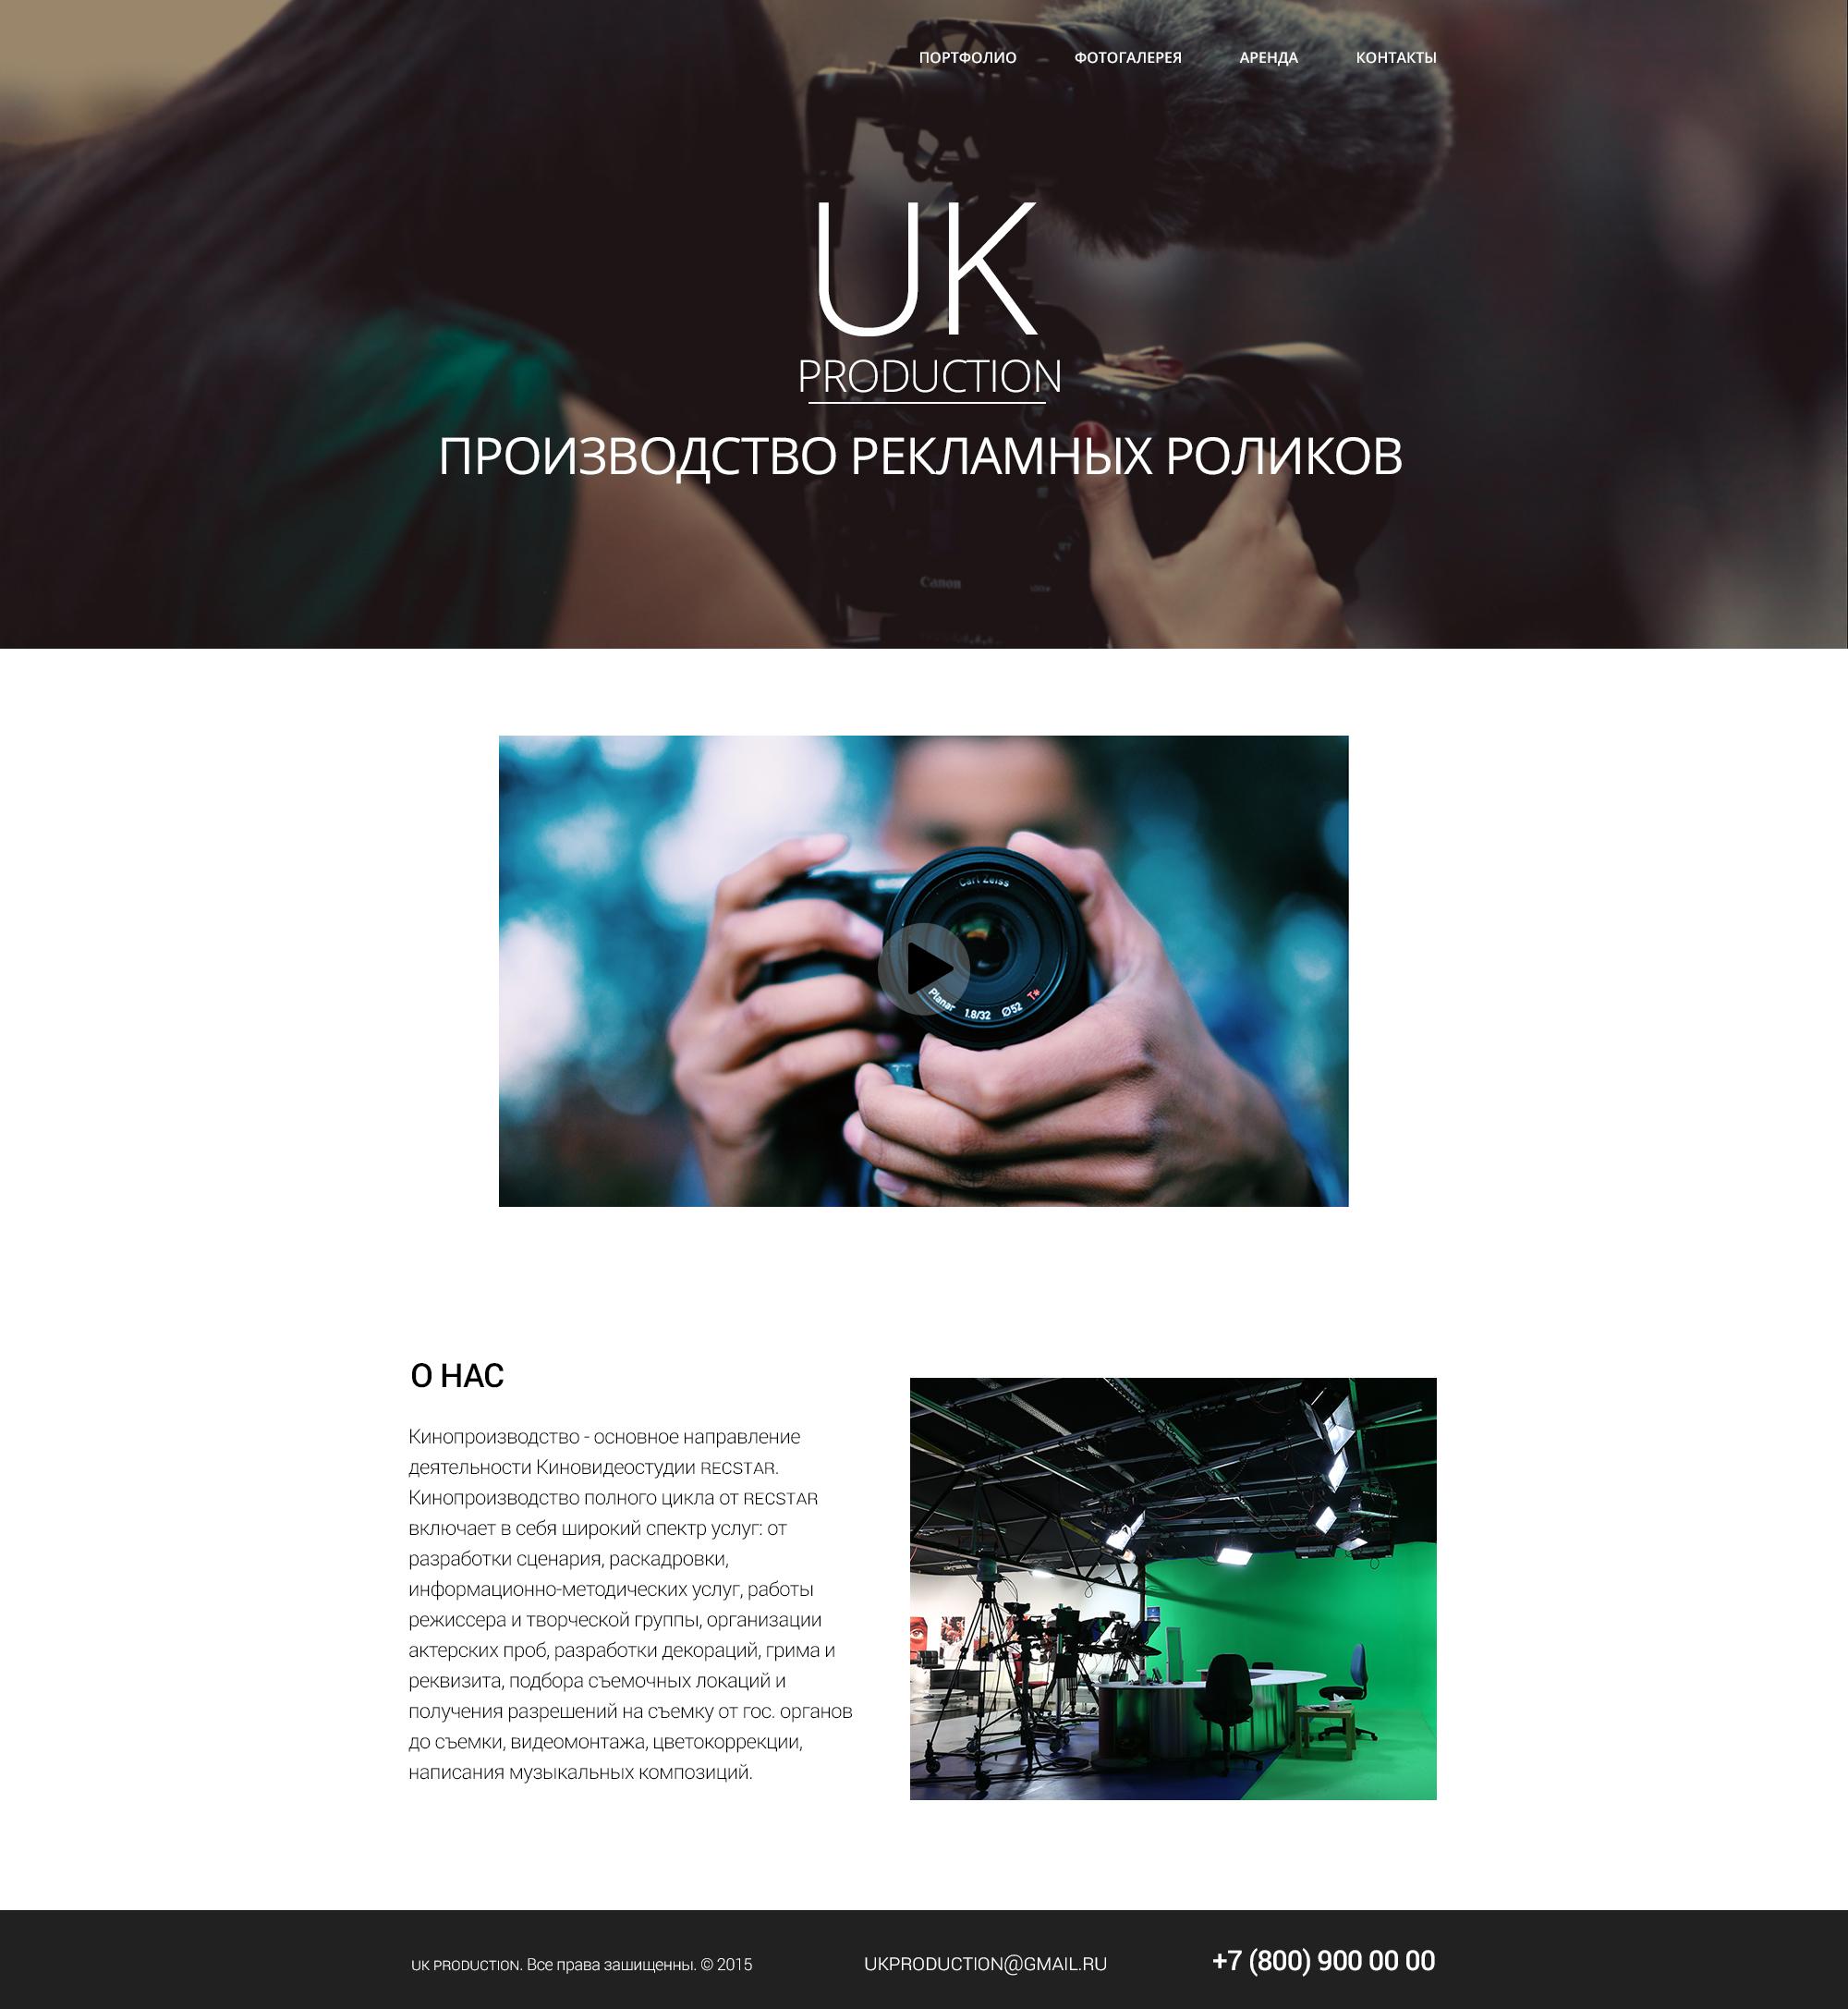 Разработка дизайна сайта для производства видеороликов